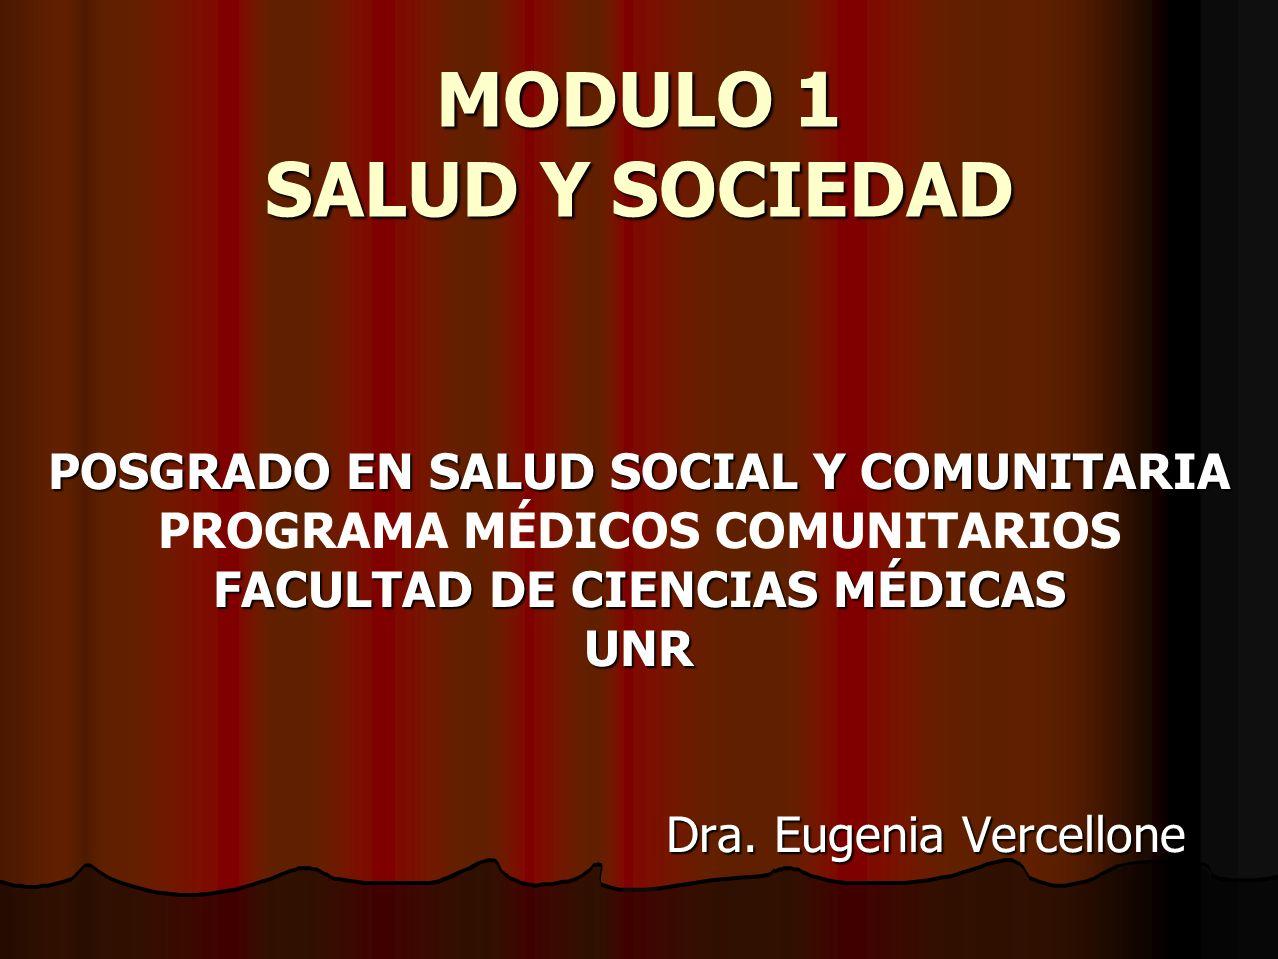 MODULO 1 SALUD Y SOCIEDAD POSGRADO EN SALUD SOCIAL Y COMUNITARIA PROGRAMA MÉDICOS COMUNITARIOS FACULTAD DE CIENCIAS MÉDICAS UNR Dra. Eugenia Vercellon